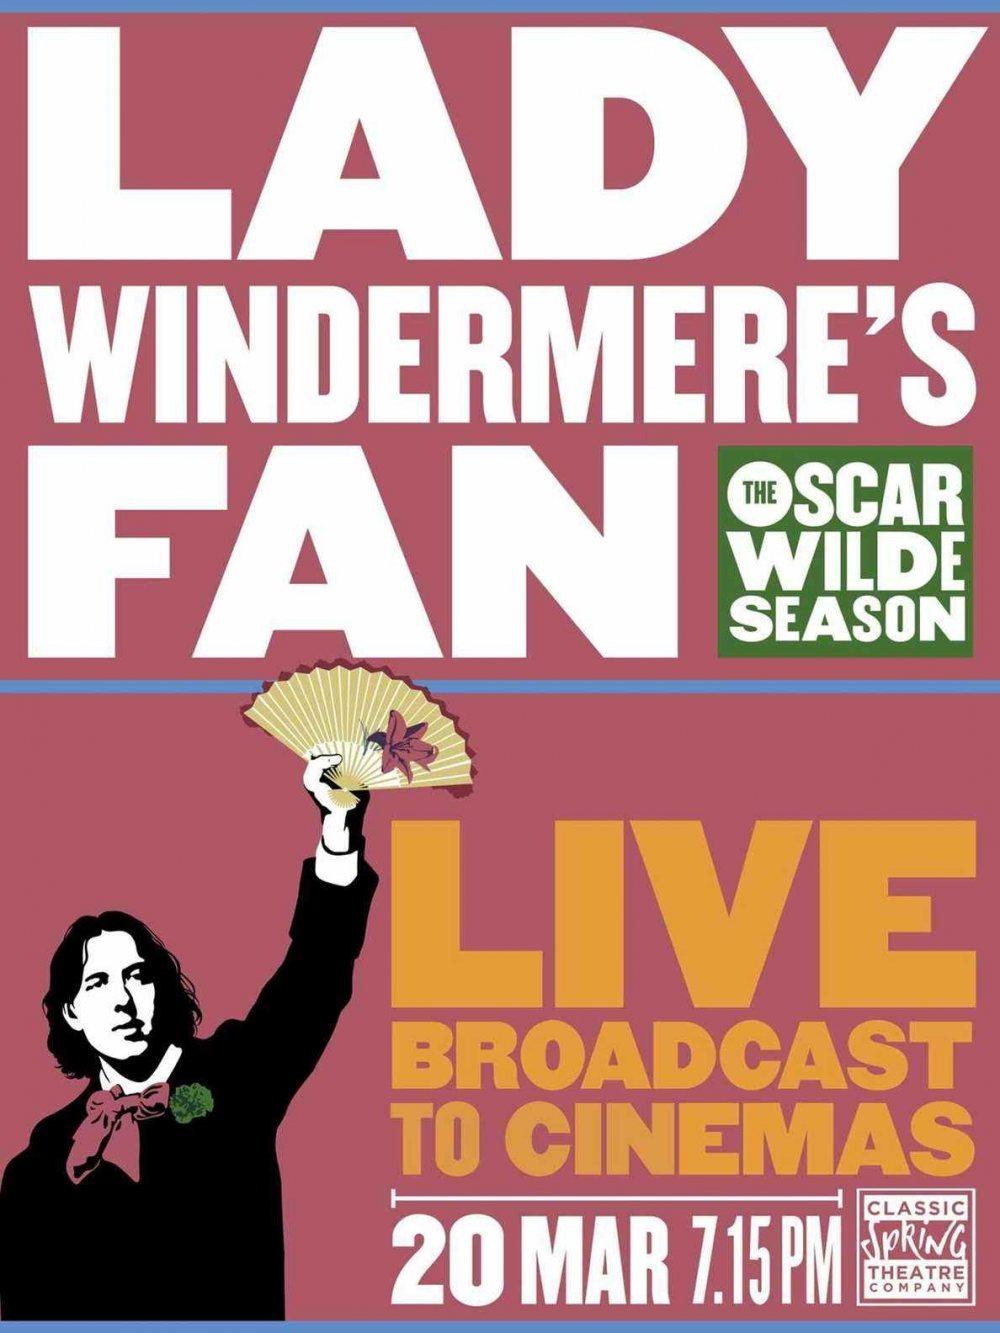 OSCAR WILDE SEASON LIVE: Lady Windermere's Fan